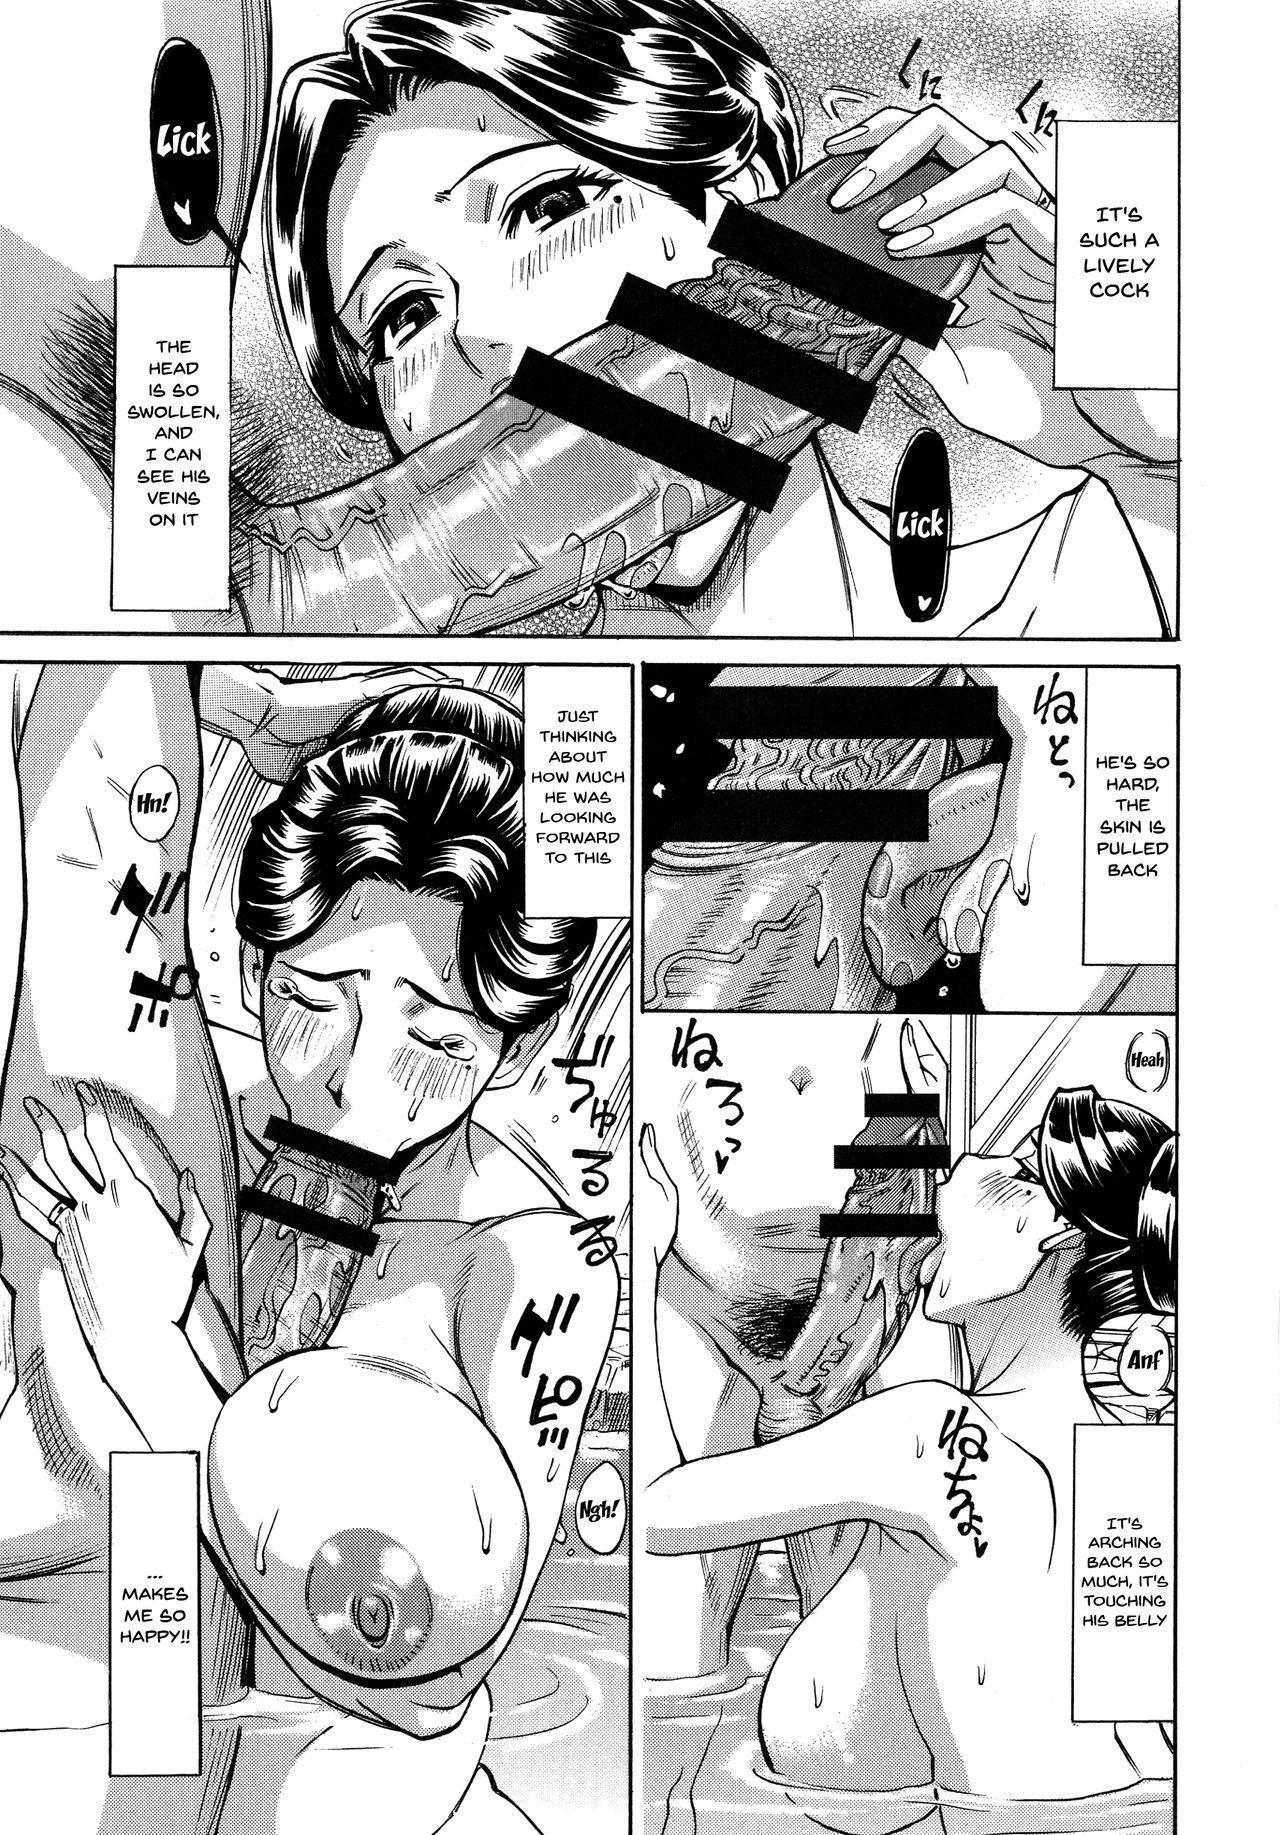 [Makibe Kataru] Hitozuma Koi Hanabi ~Hajimete no Furin ga 3P ni Itaru made~ Ch.1-9 [English] {Doujins.com} 27